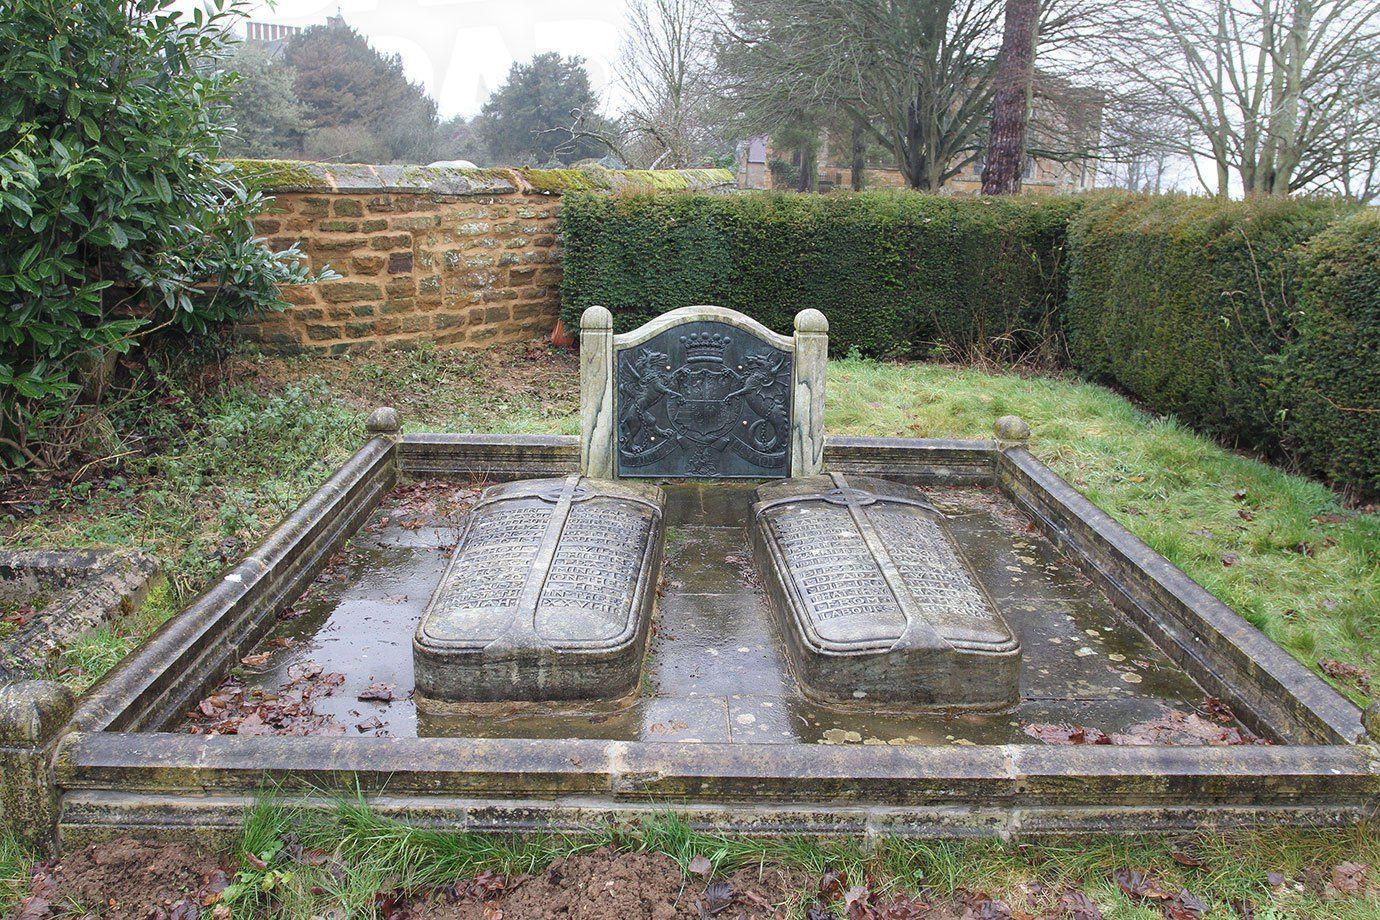 Princess Diana Burial Site Www Imgkid Com The Image Royals